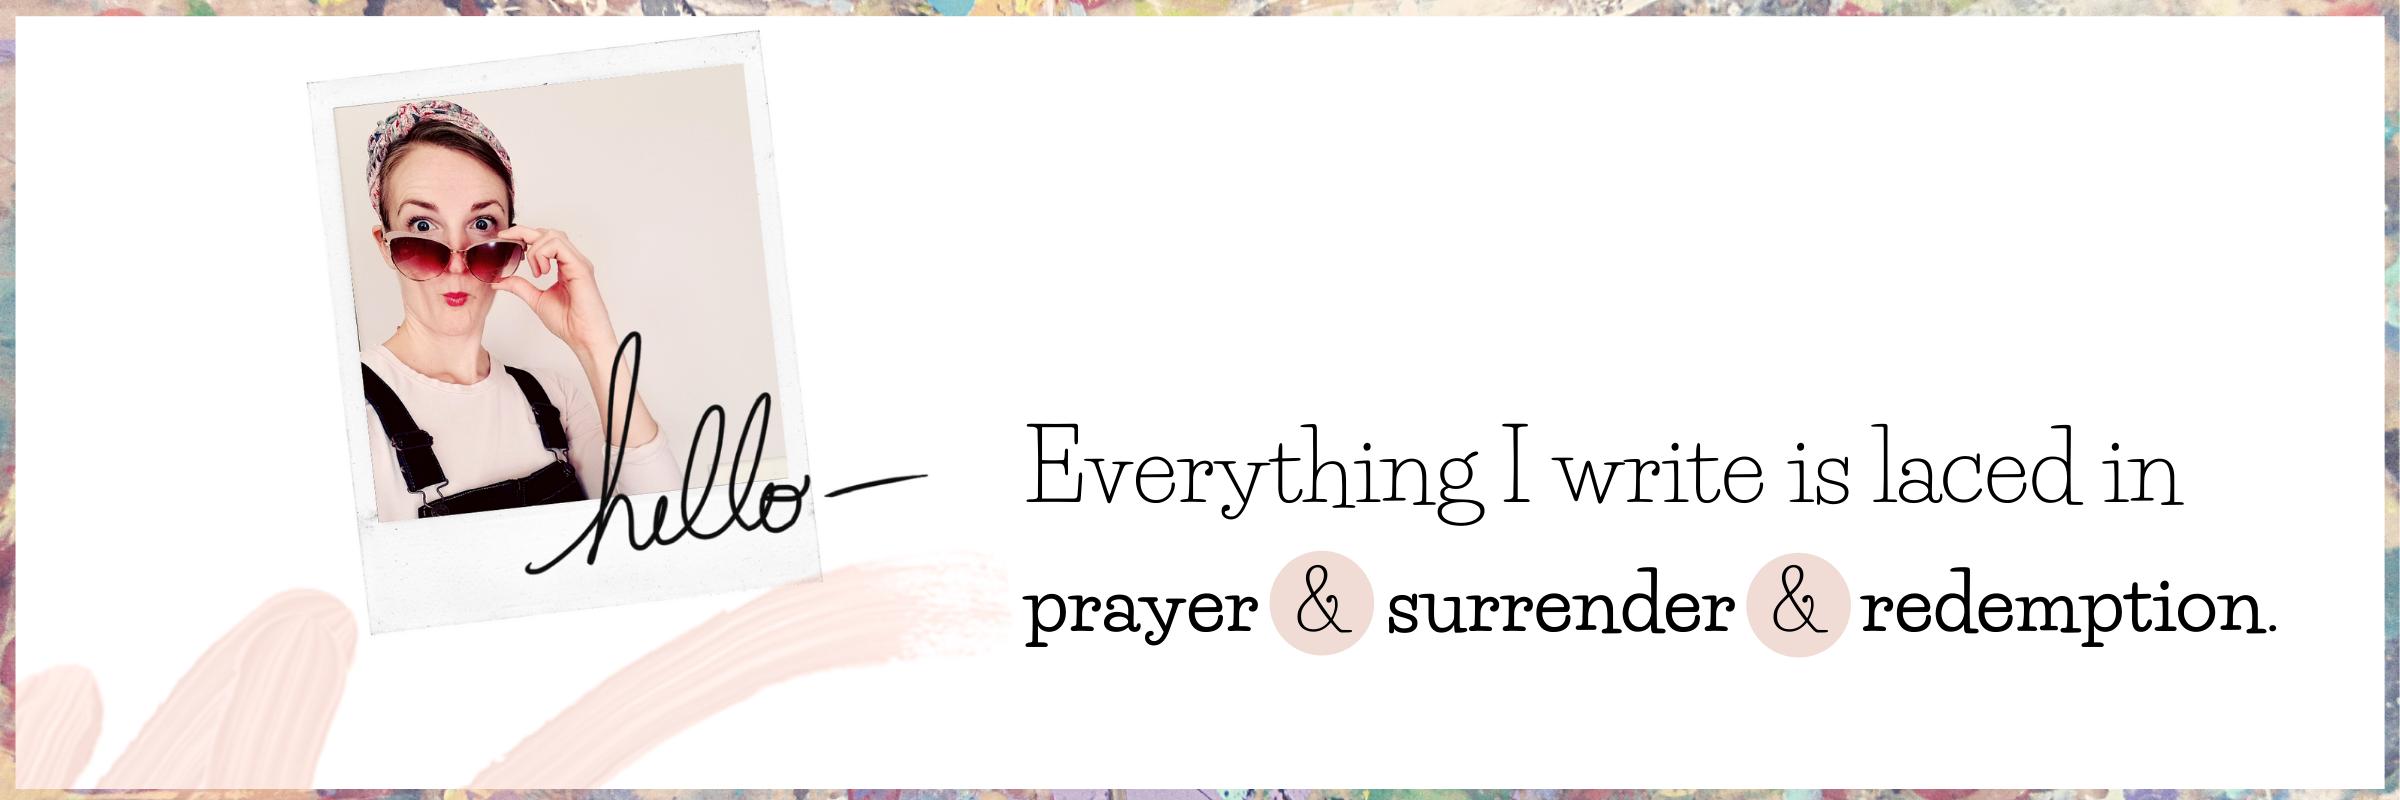 slider 3 prayer & surrender & redemption